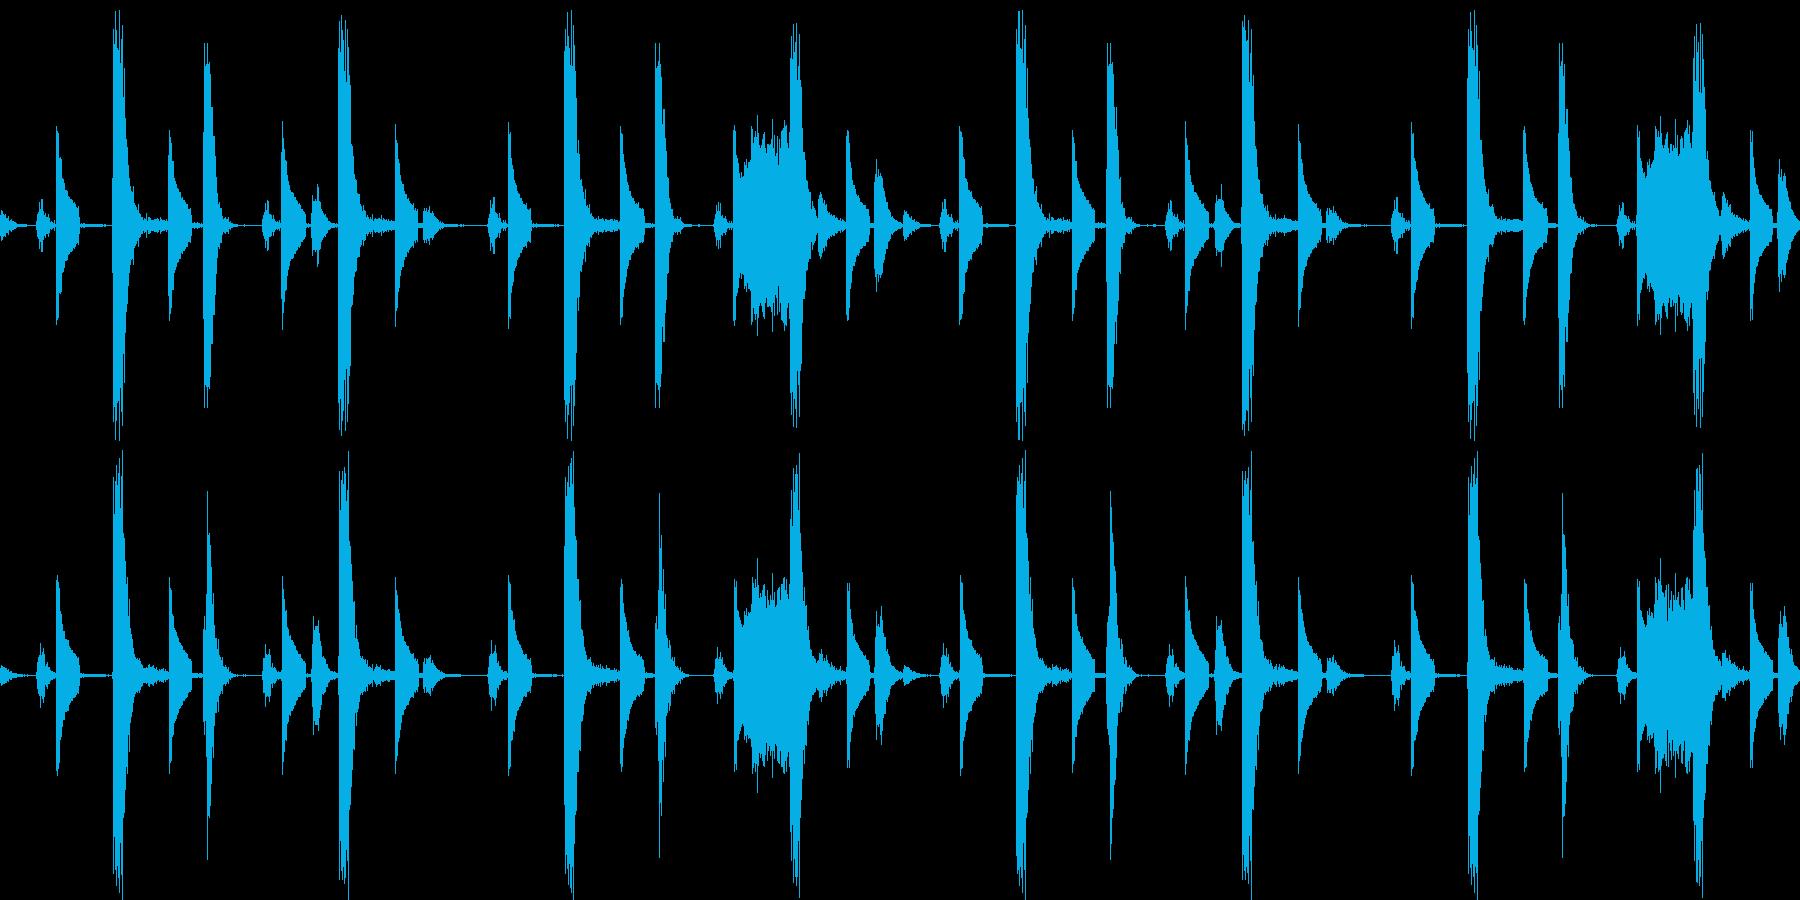 ドラムの音の再生済みの波形